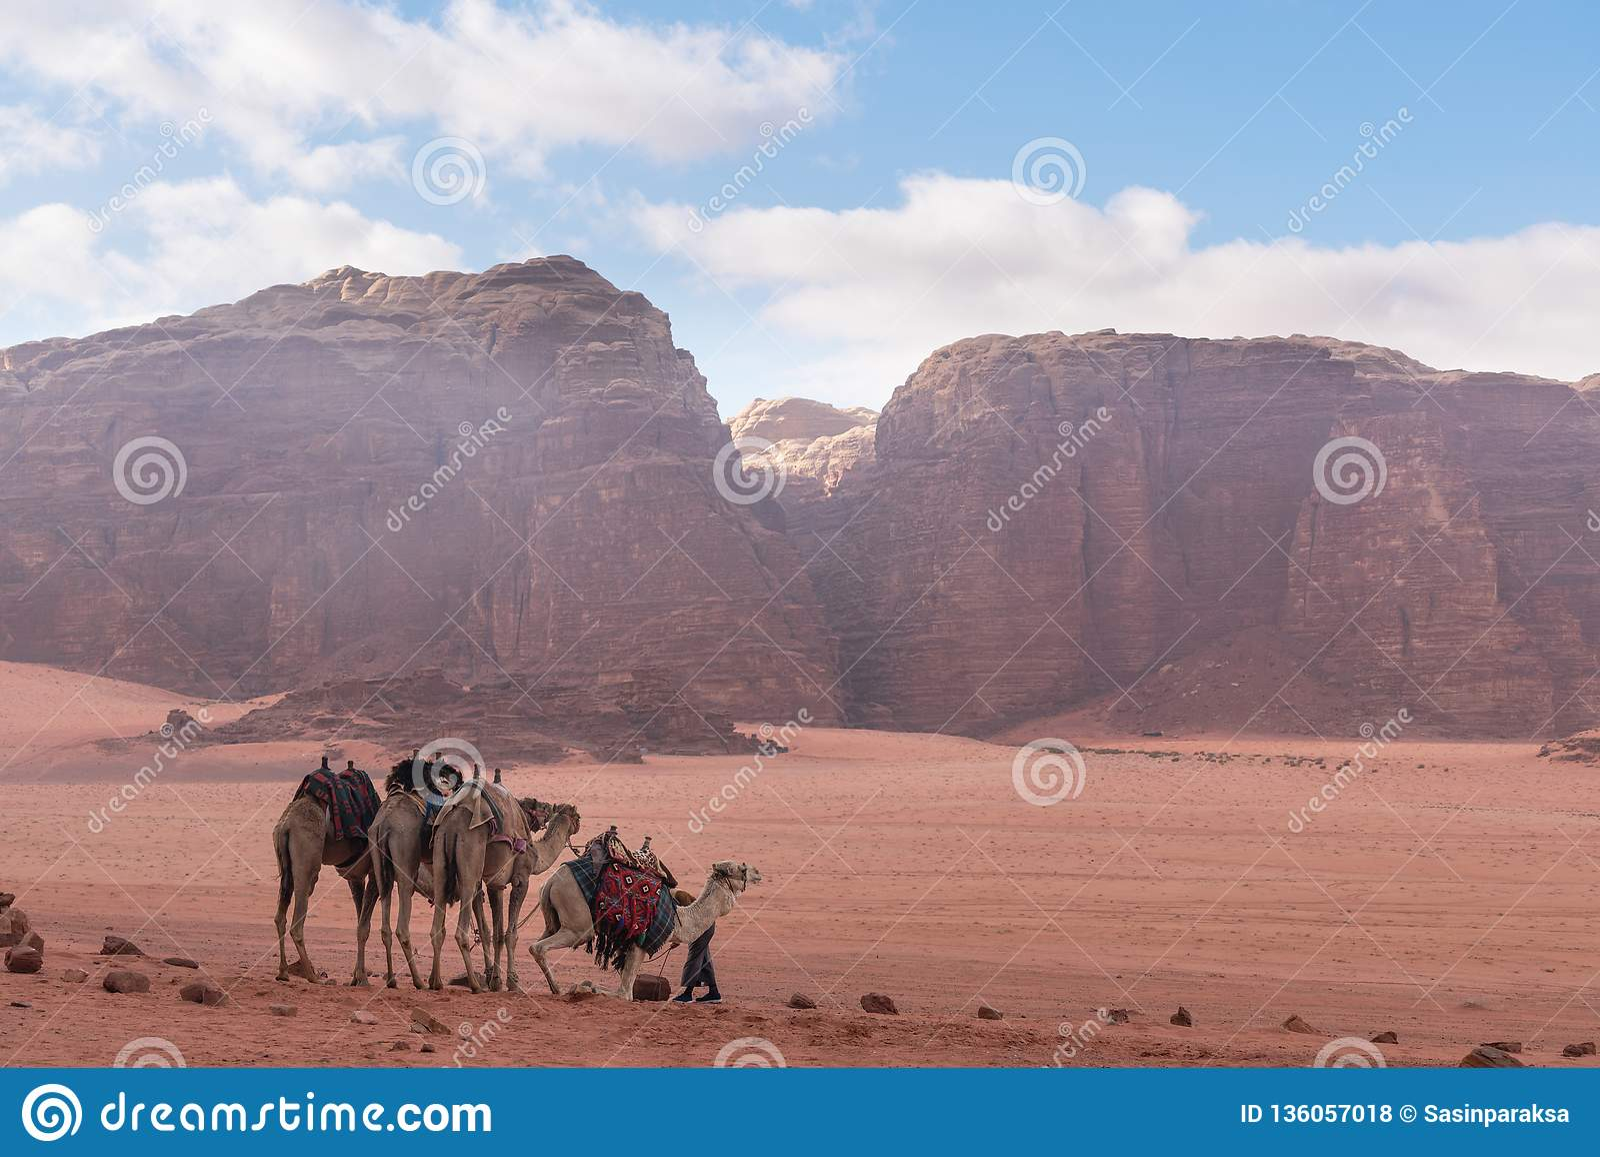 Paisaje del desierto de Wadi Rum en Jordania con los camellos que se enfrían por la mañana